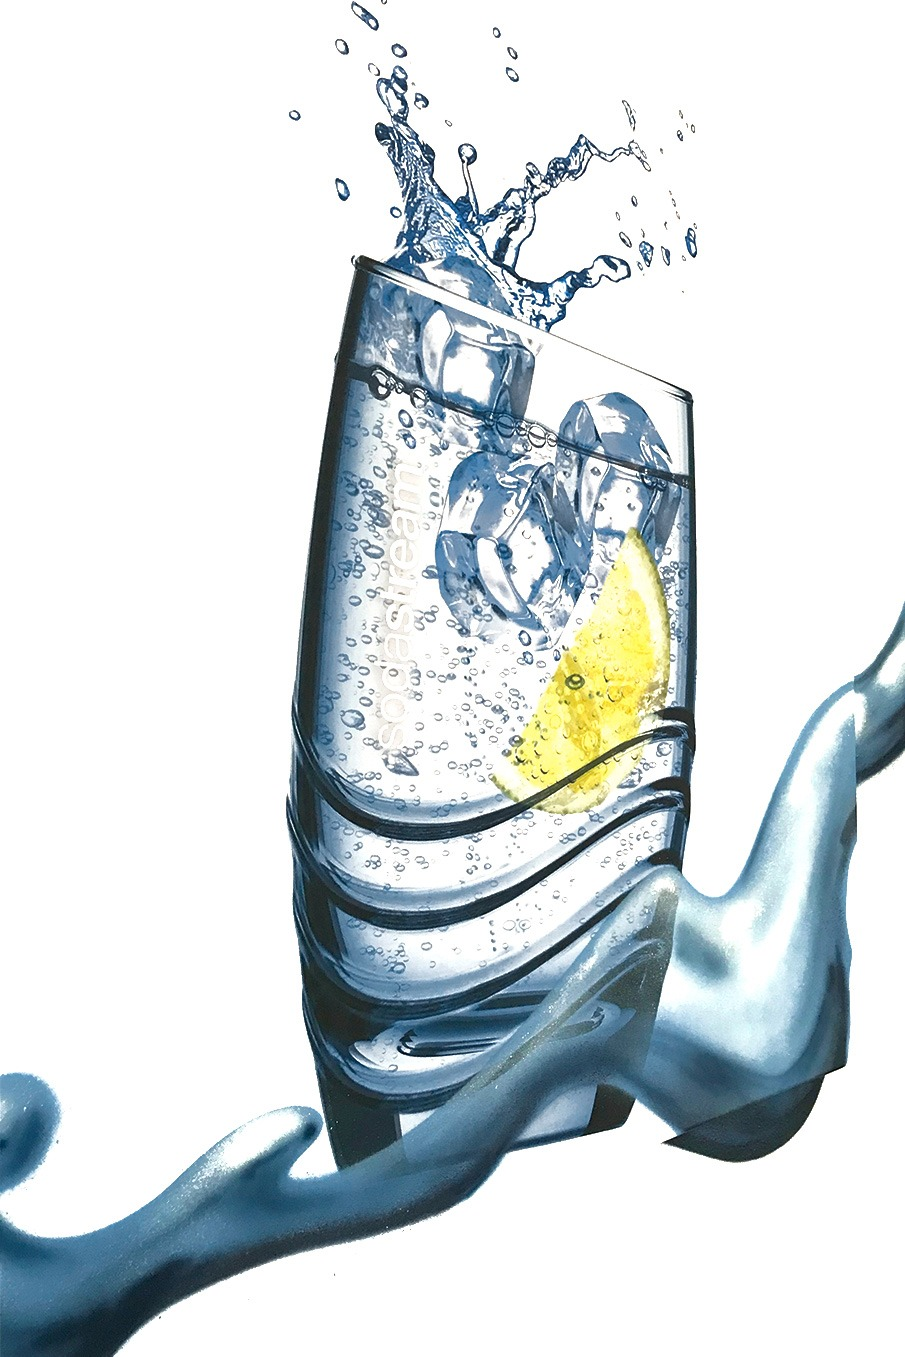 graffitiauftrag-graffitikuenstler-artmos4-sodastream-fotorealistisch-obst-wassser-glas